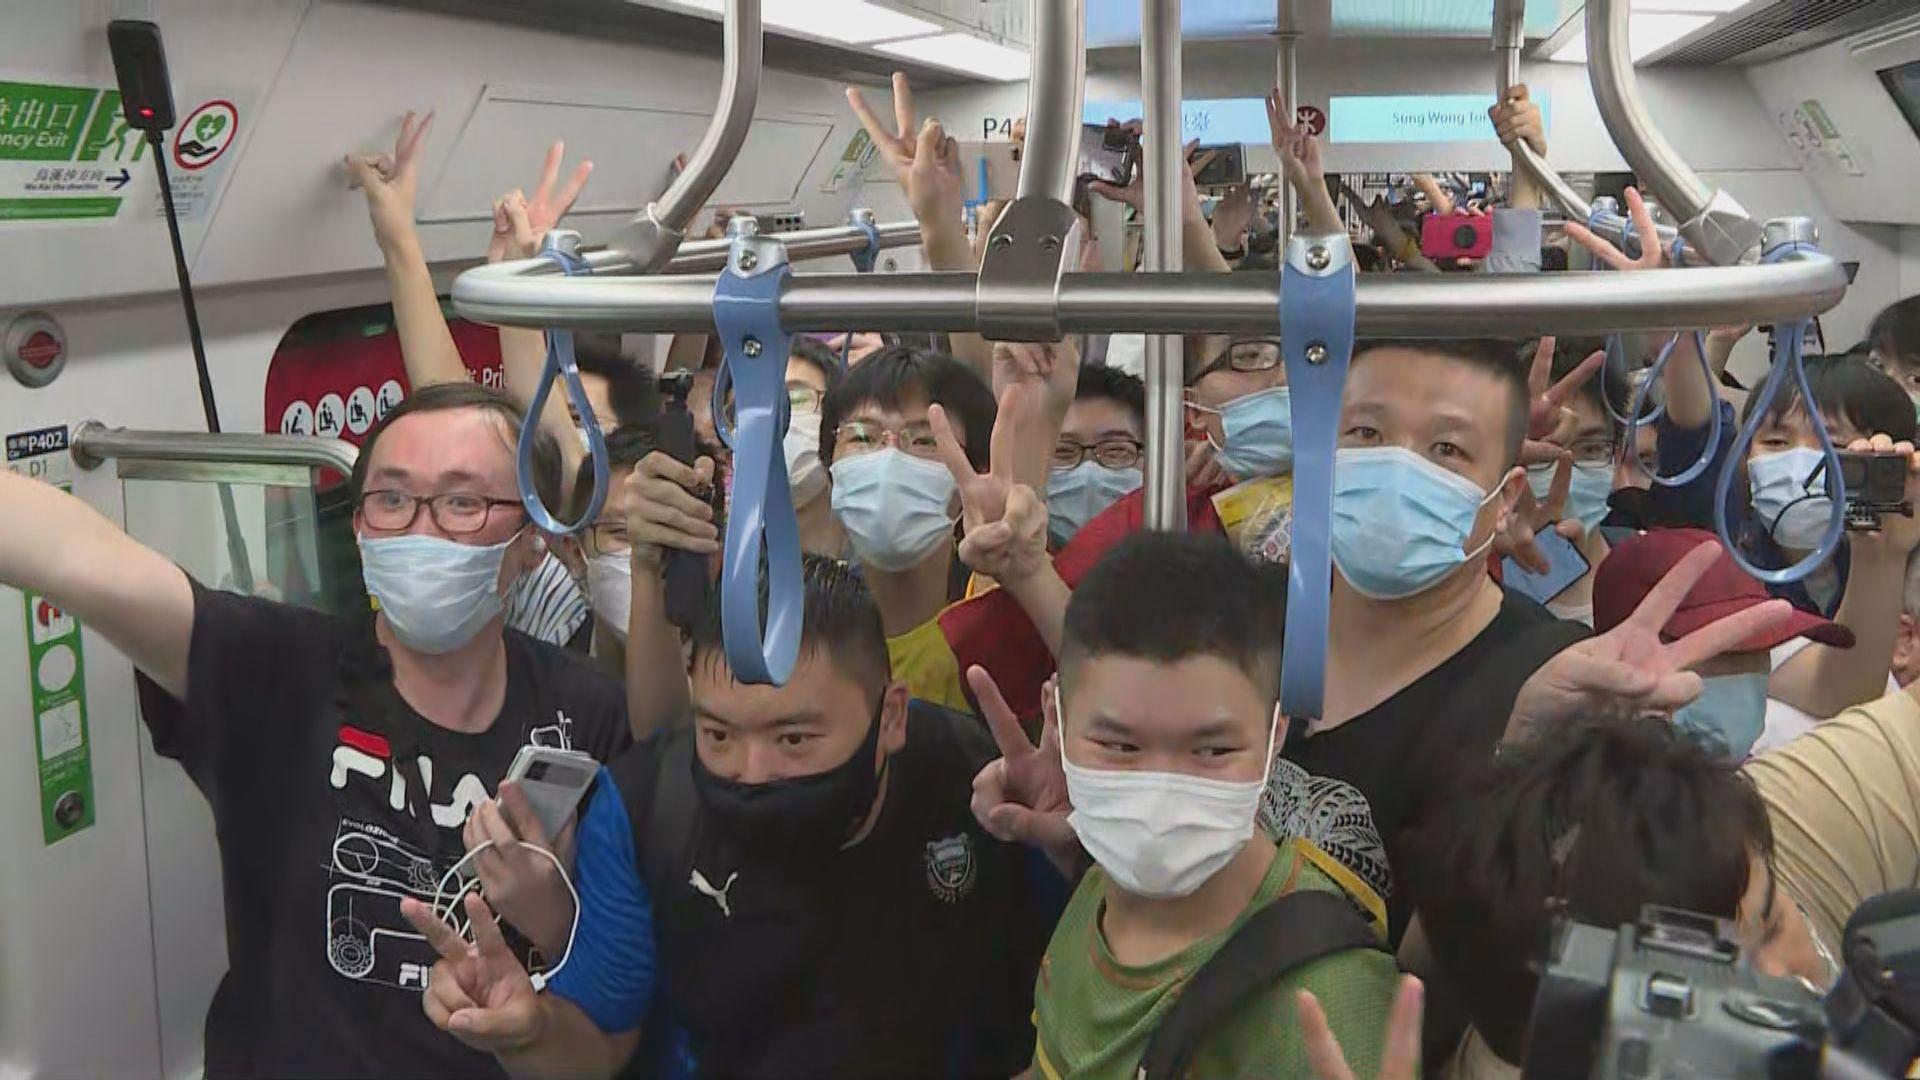 屯馬綫今日全綫通車 大批鐵路迷清晨到宋皇臺站外排隊